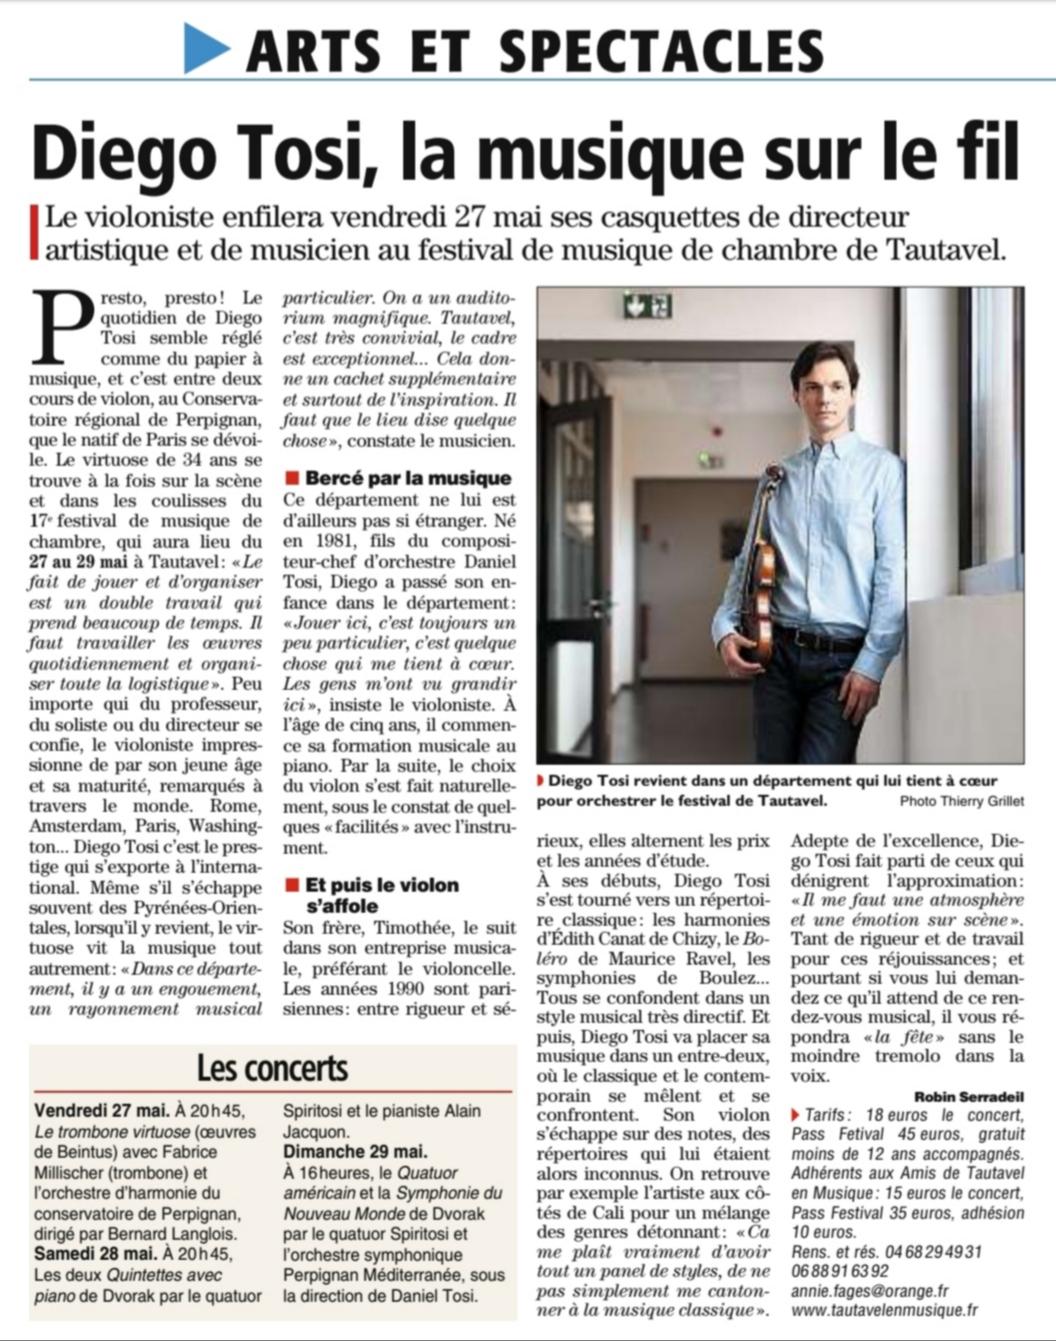 Diego Tosi, la musique sur le fil